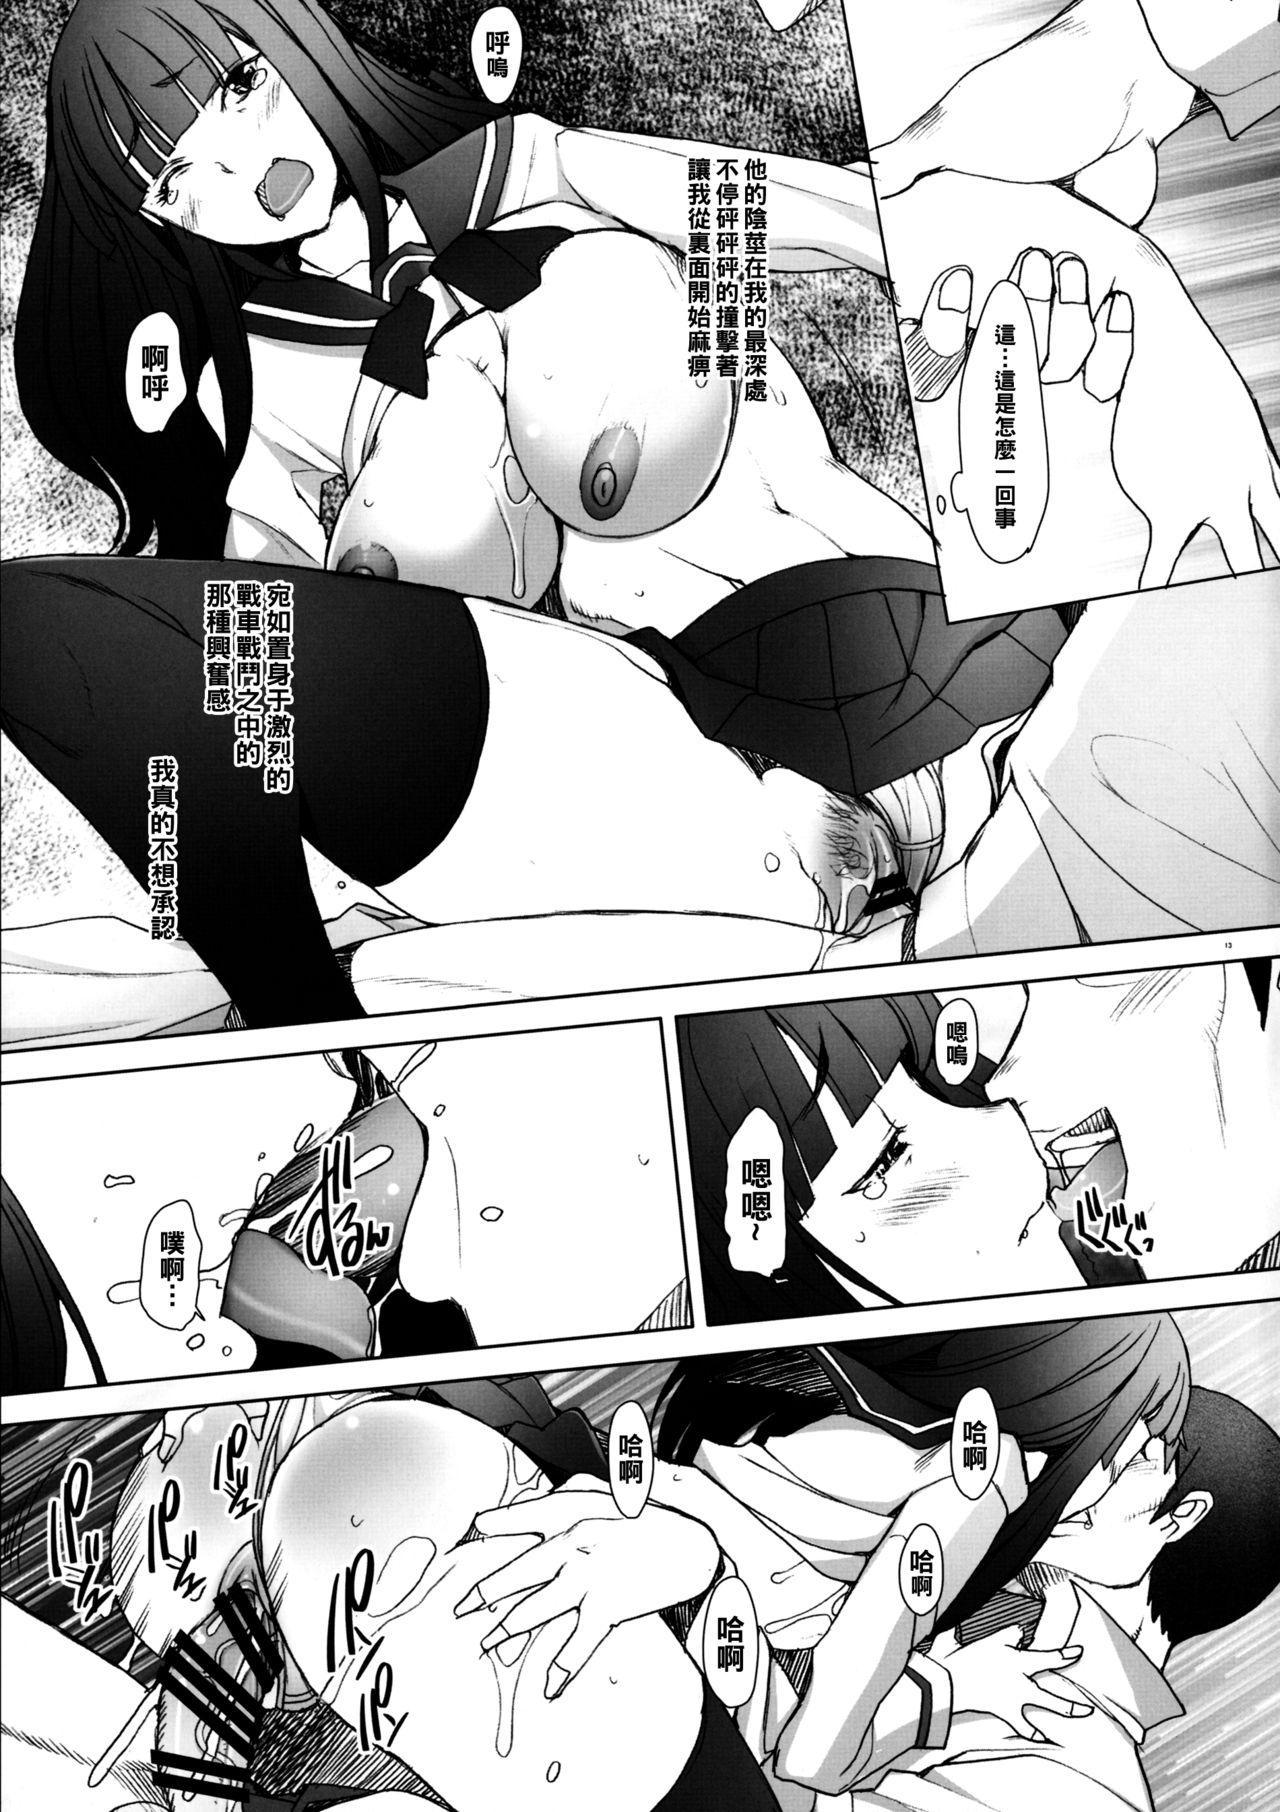 (C90) [Kohakutei (Sakai Hamachi)] Shikin-guri ni Komatta Joukyou ni Tsukekonde Nama Sounyuu & Nakadashi o Kimetemimashita Nishizumi-ryuu Iemoto no Baai (Girls und Panzer) [Chinese] 11